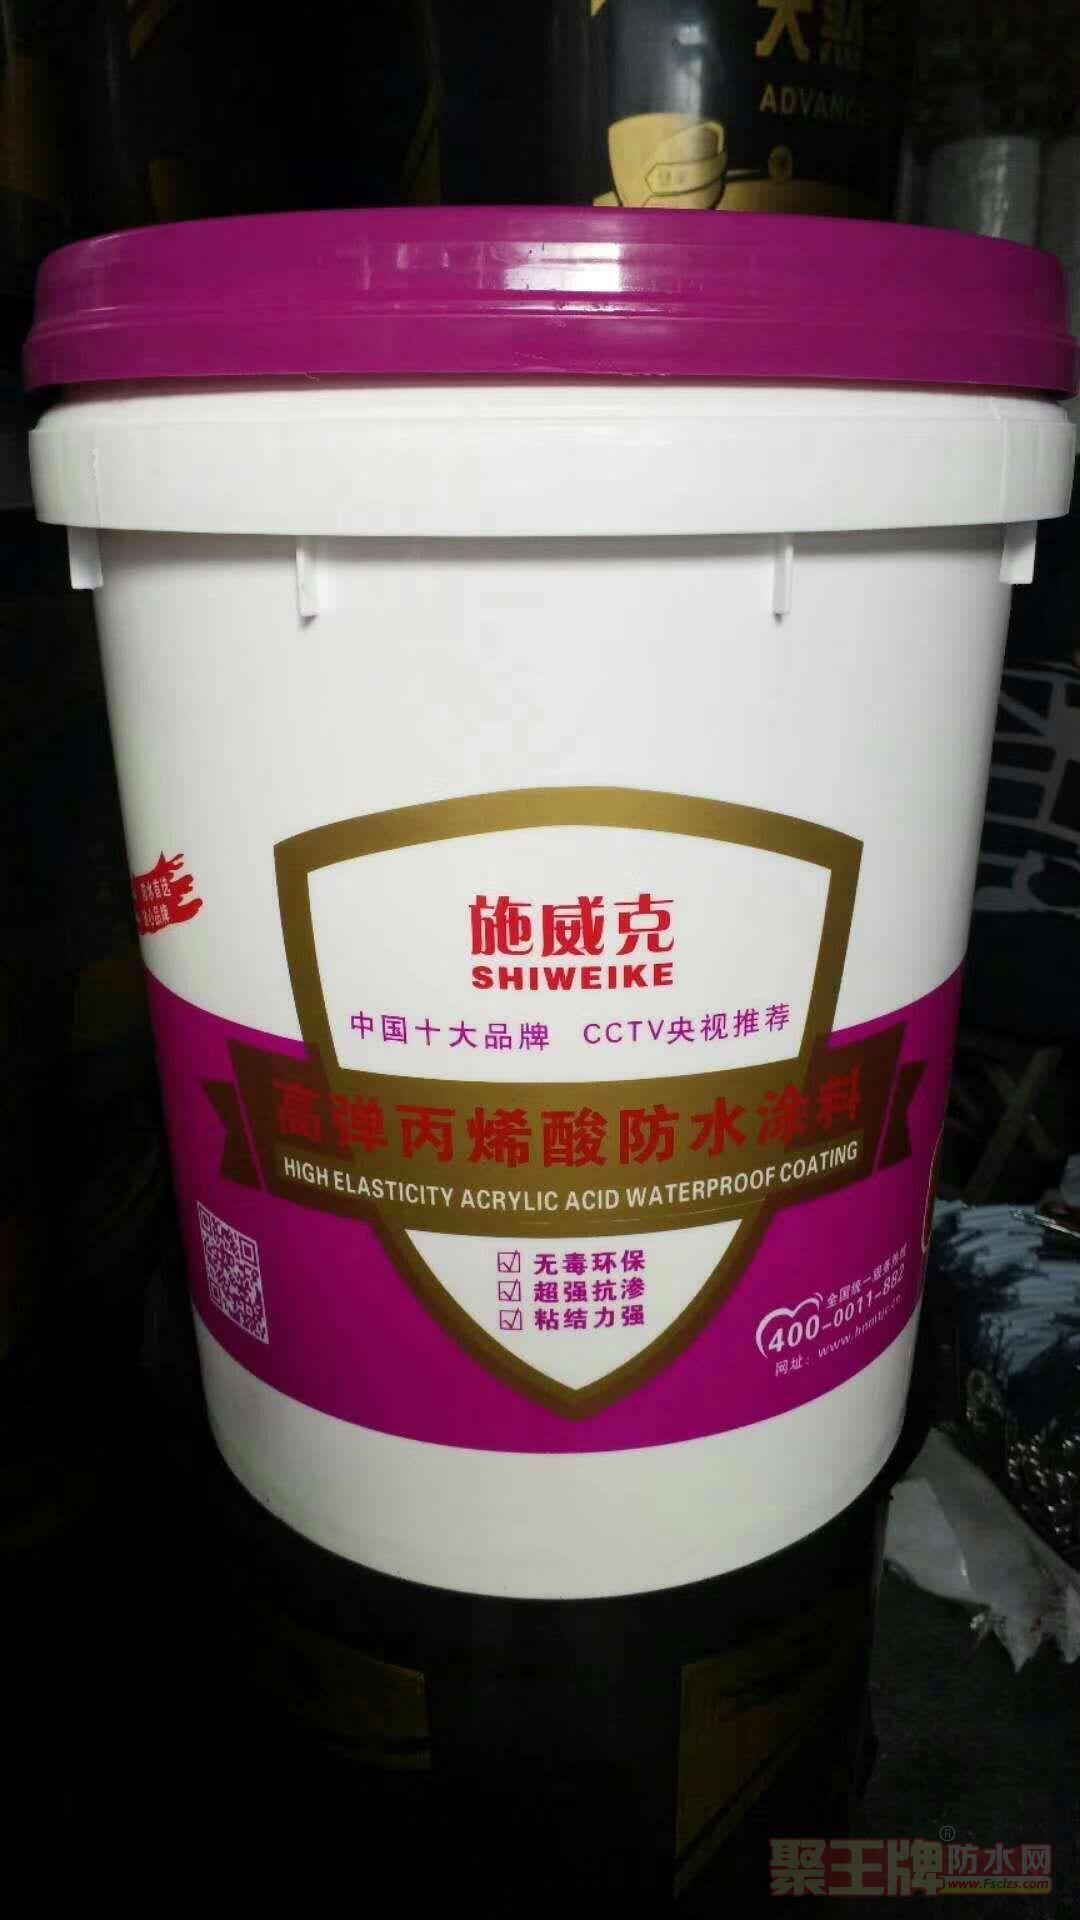 施威克防水涂料彩钢瓦金属物面丙烯酸防水